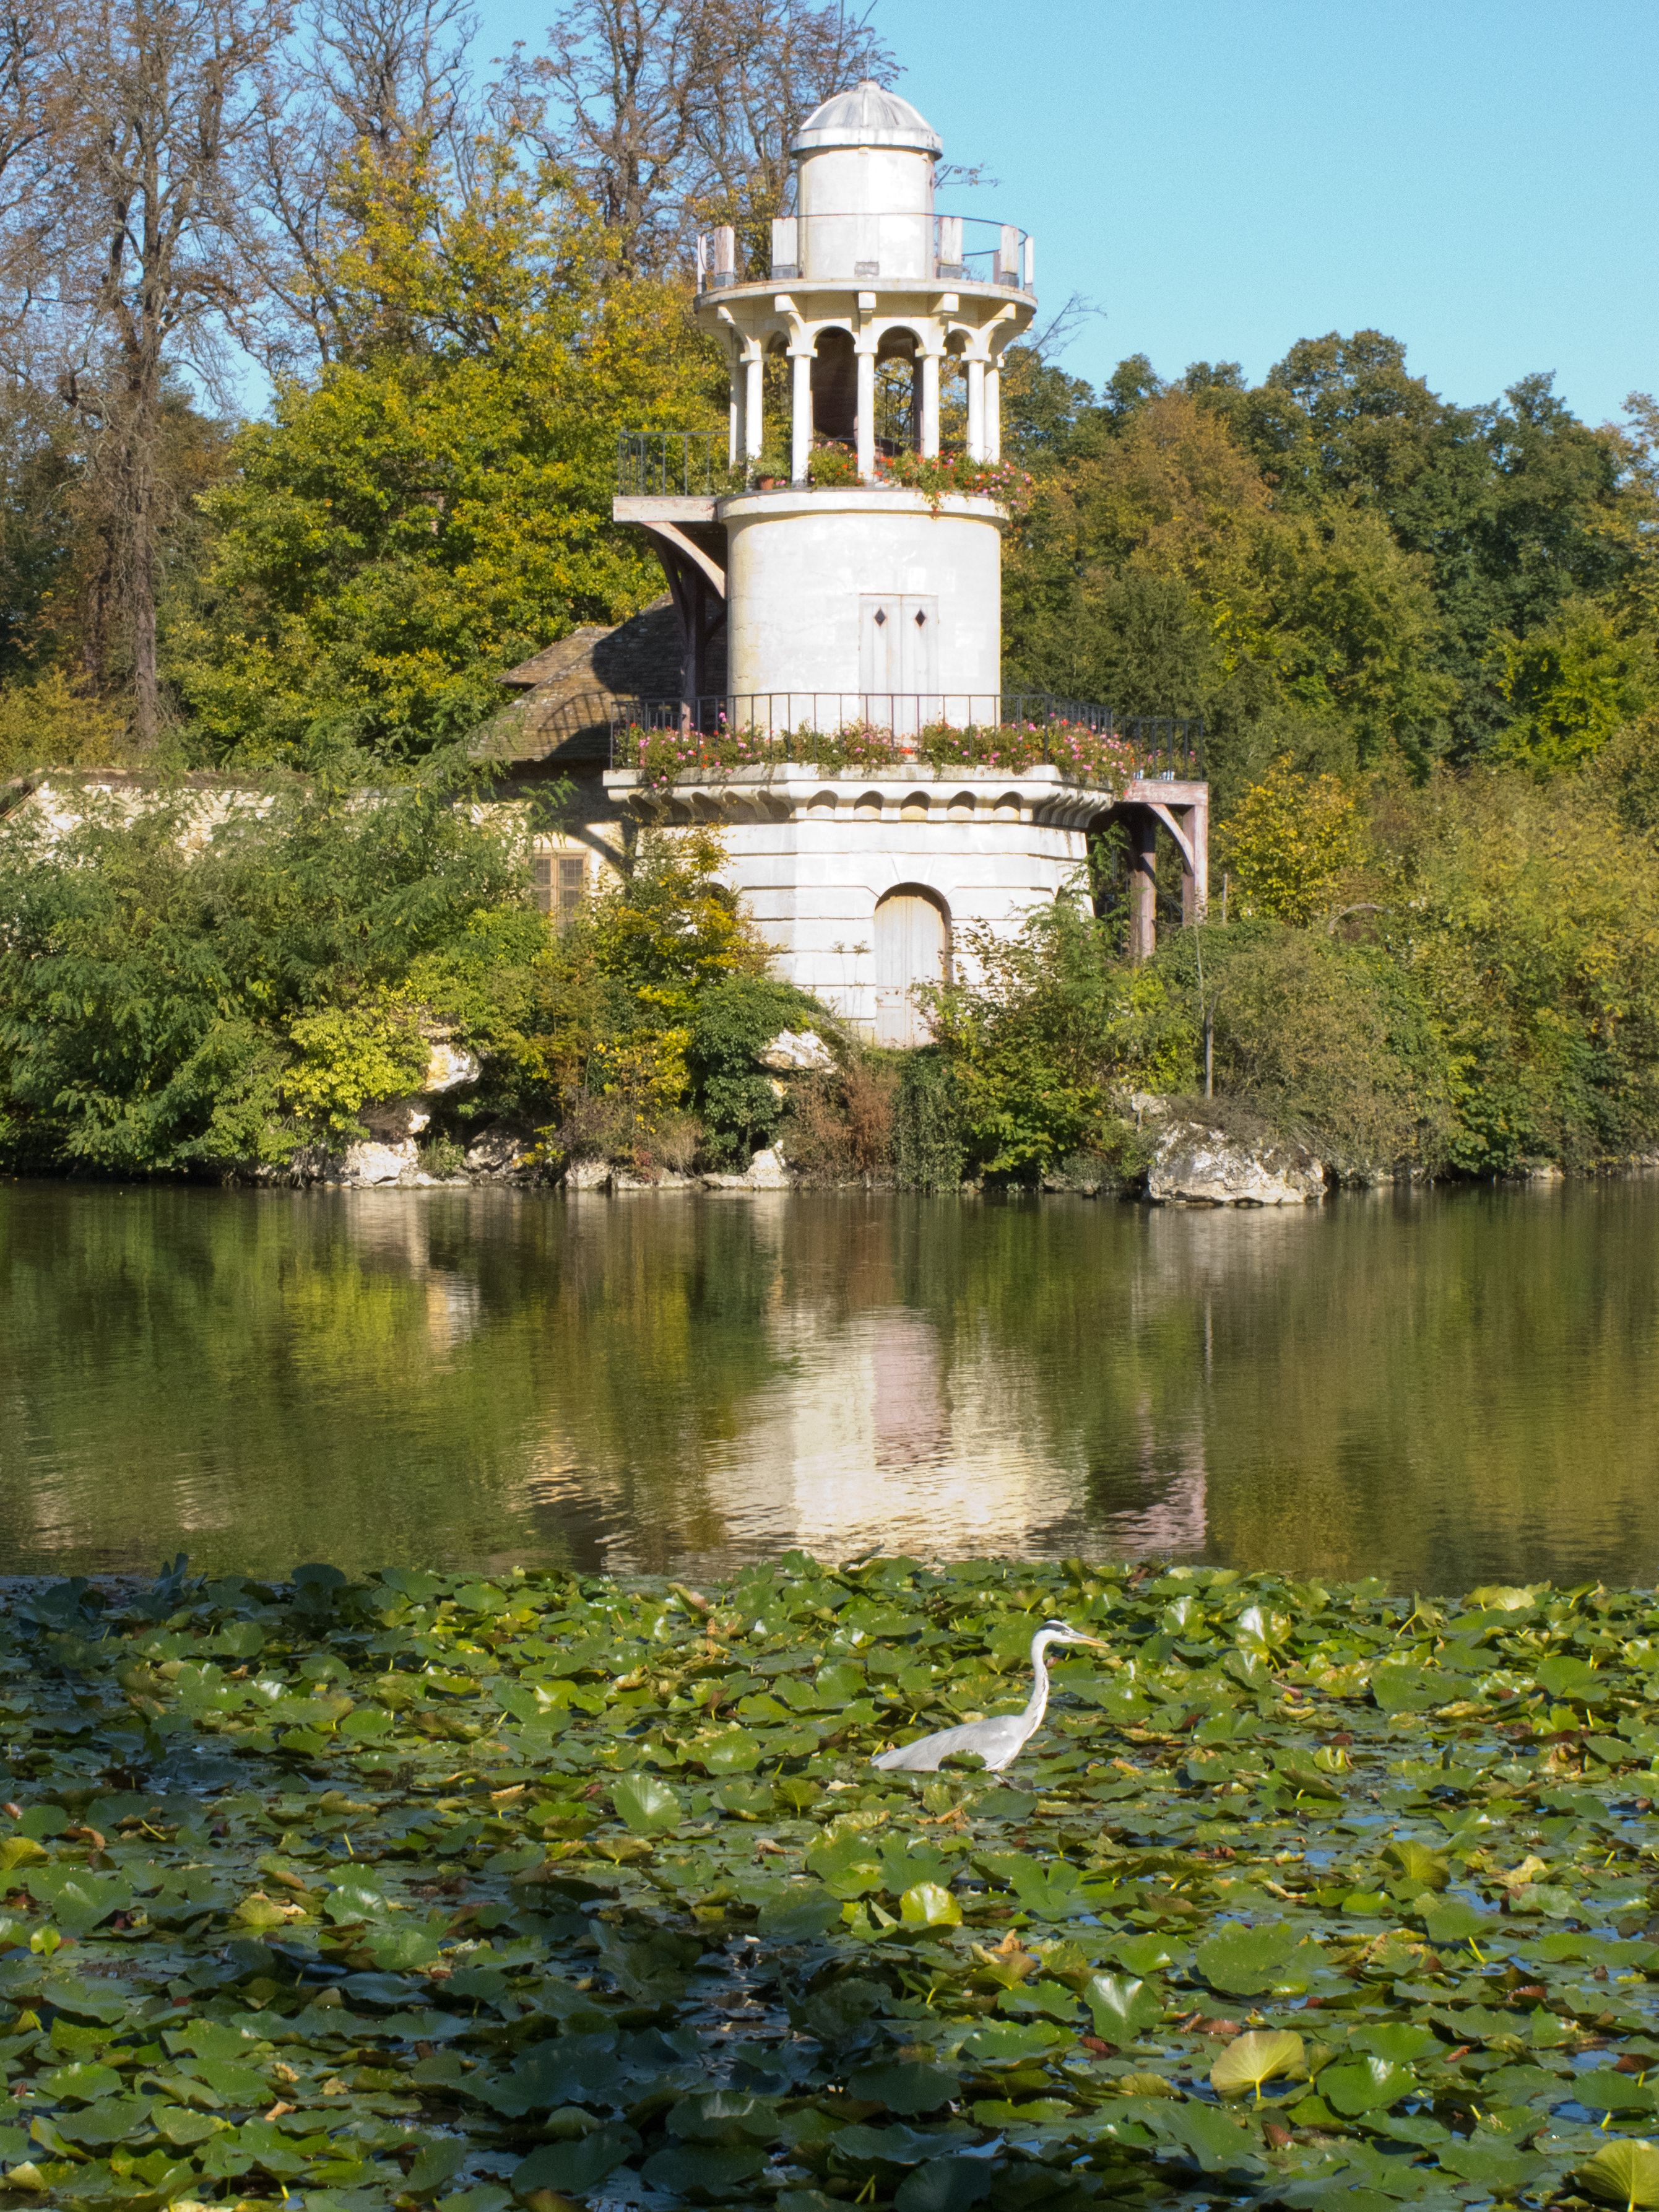 Paris - favorite location - Marie Antoinette's farm.